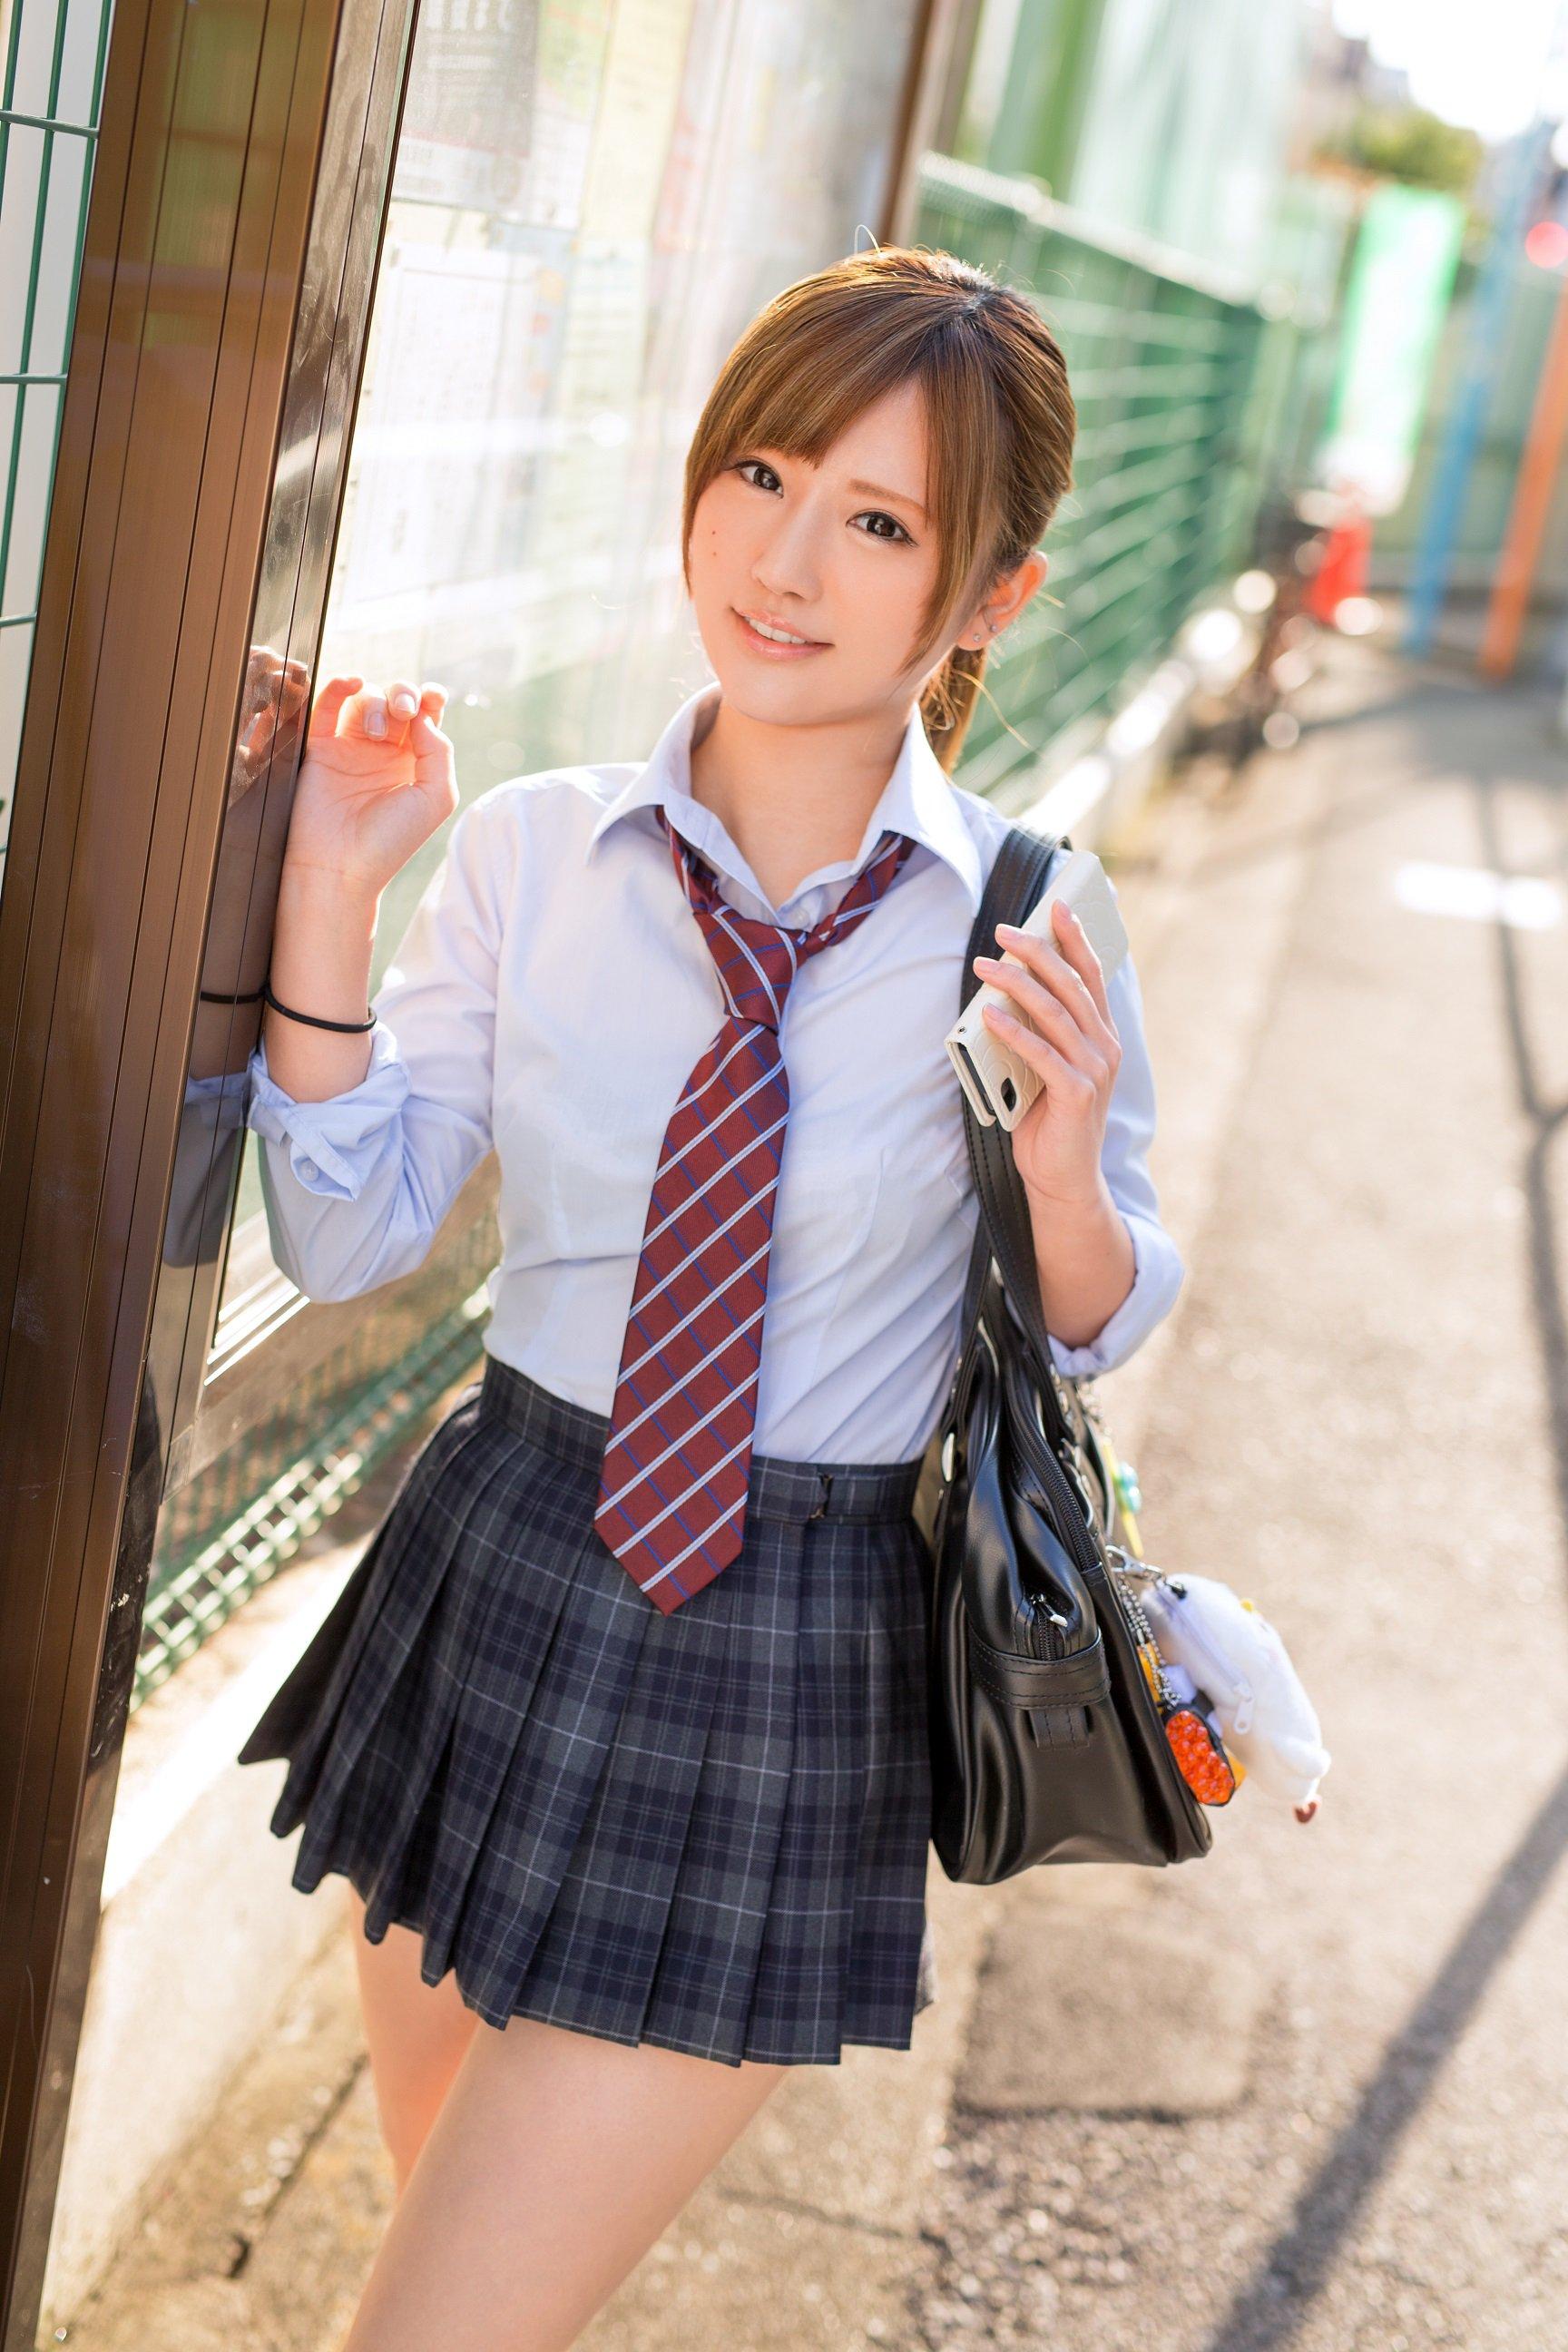 制服美少女》Cute Girl Pretty Girls 漂亮、可愛》青春就是無敵 #水手服